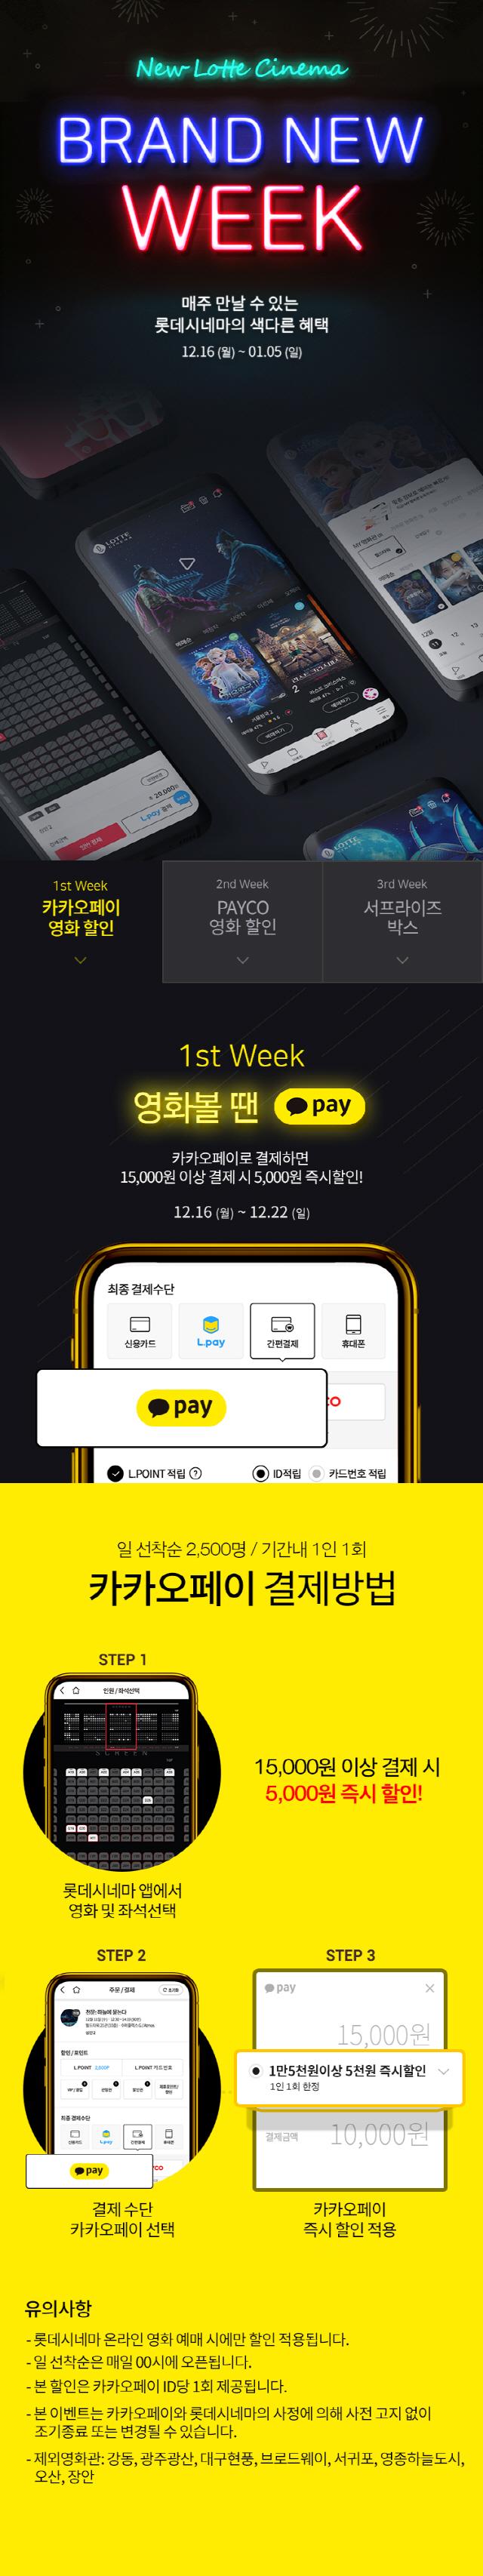 롯데시네마, 'BRAND NEW WEEK' 모바일 앱 전용 이벤트 개최